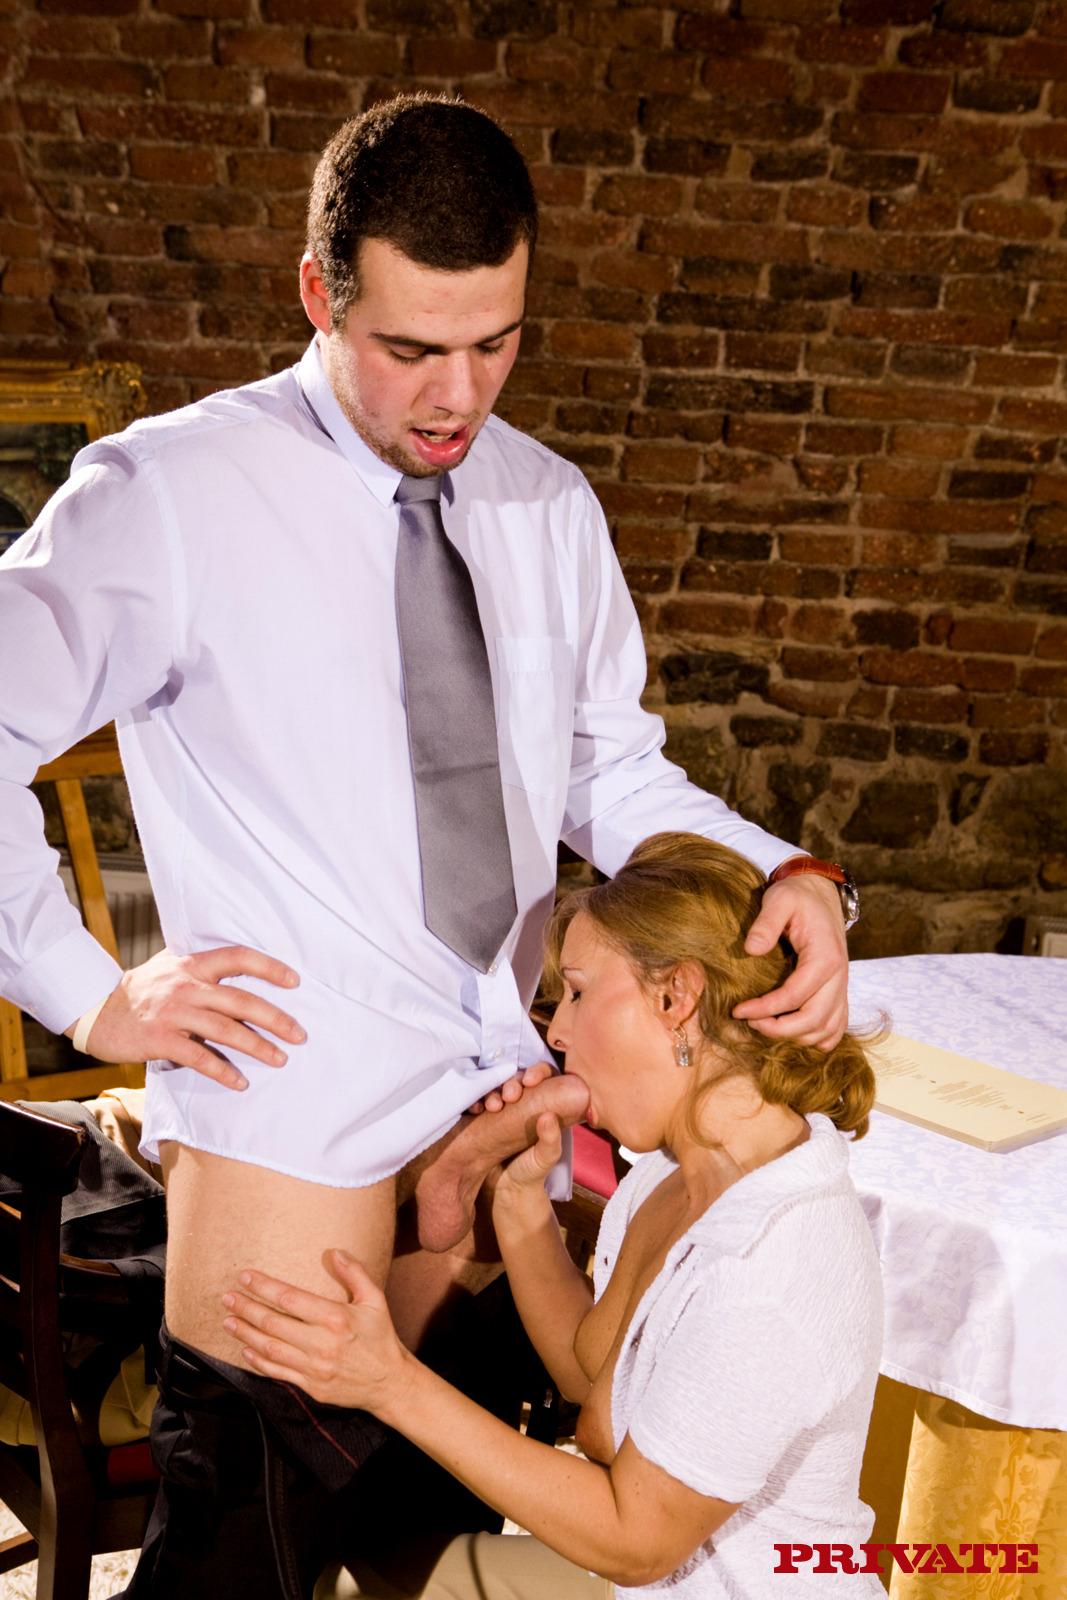 Секс в кафе с официанткой 14 фотография